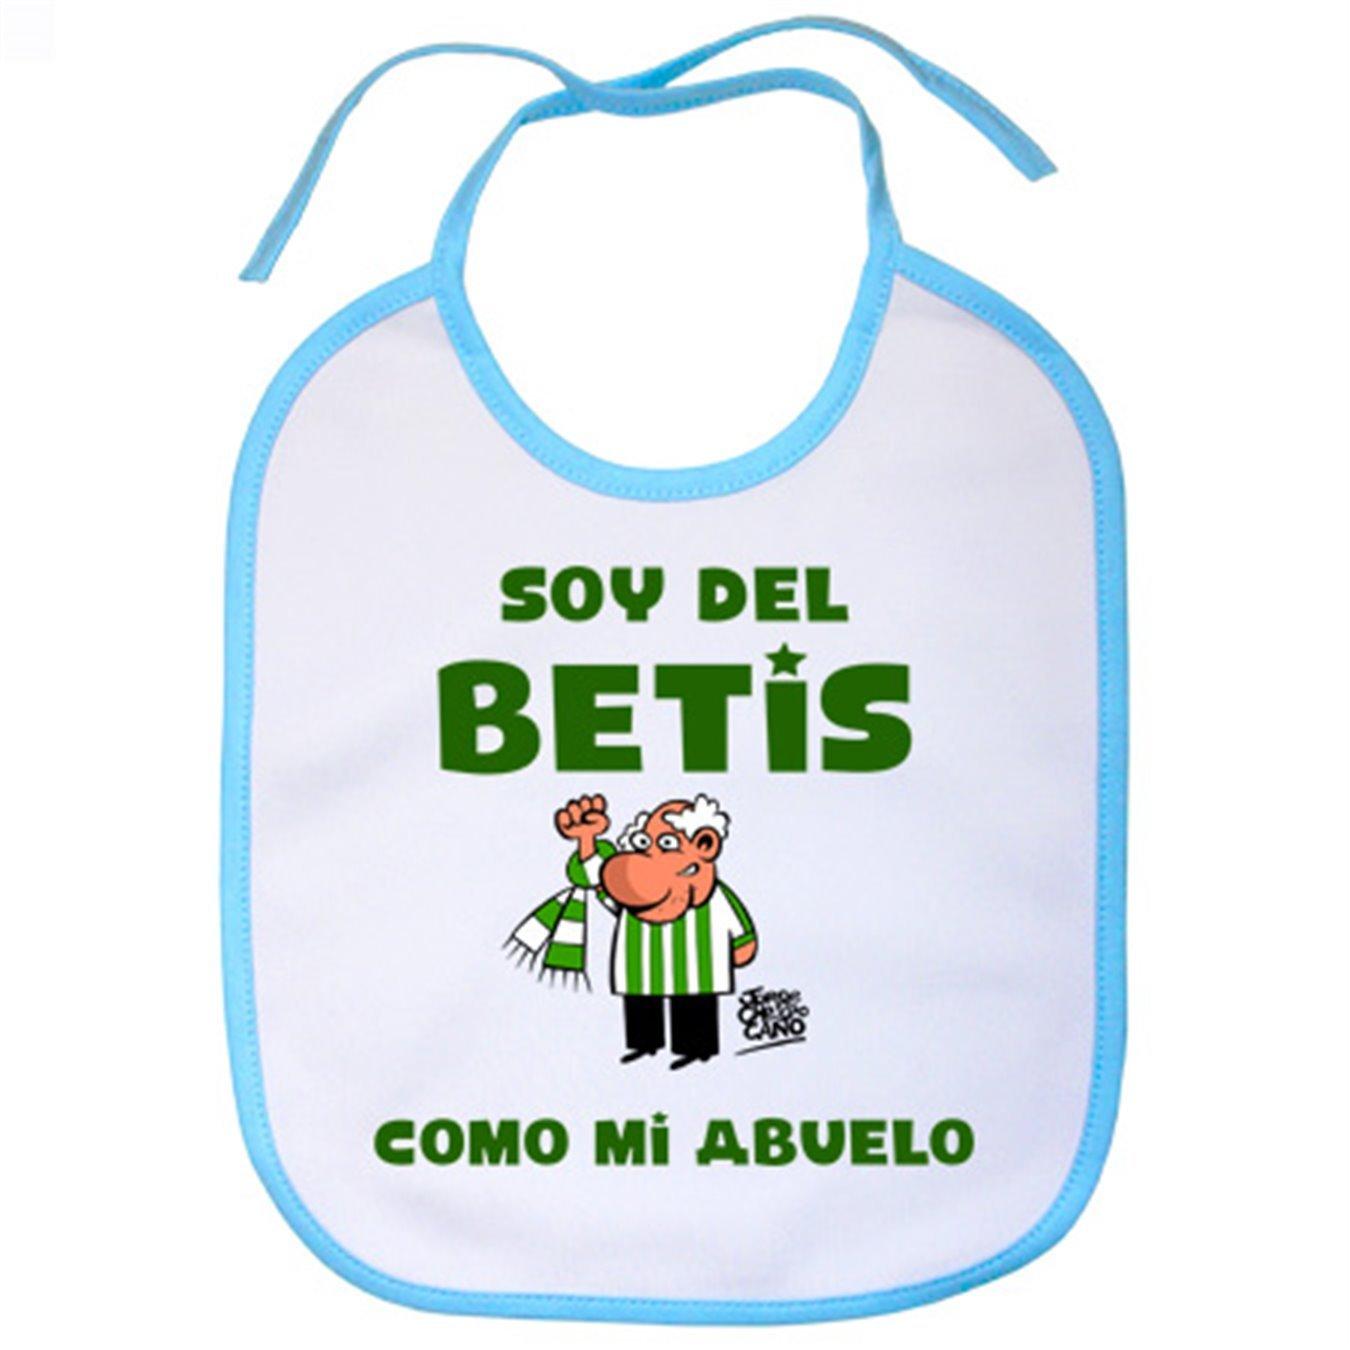 Babero Real Betis soy del Betis como mi abuelo - Celeste: Amazon.es: Bebé